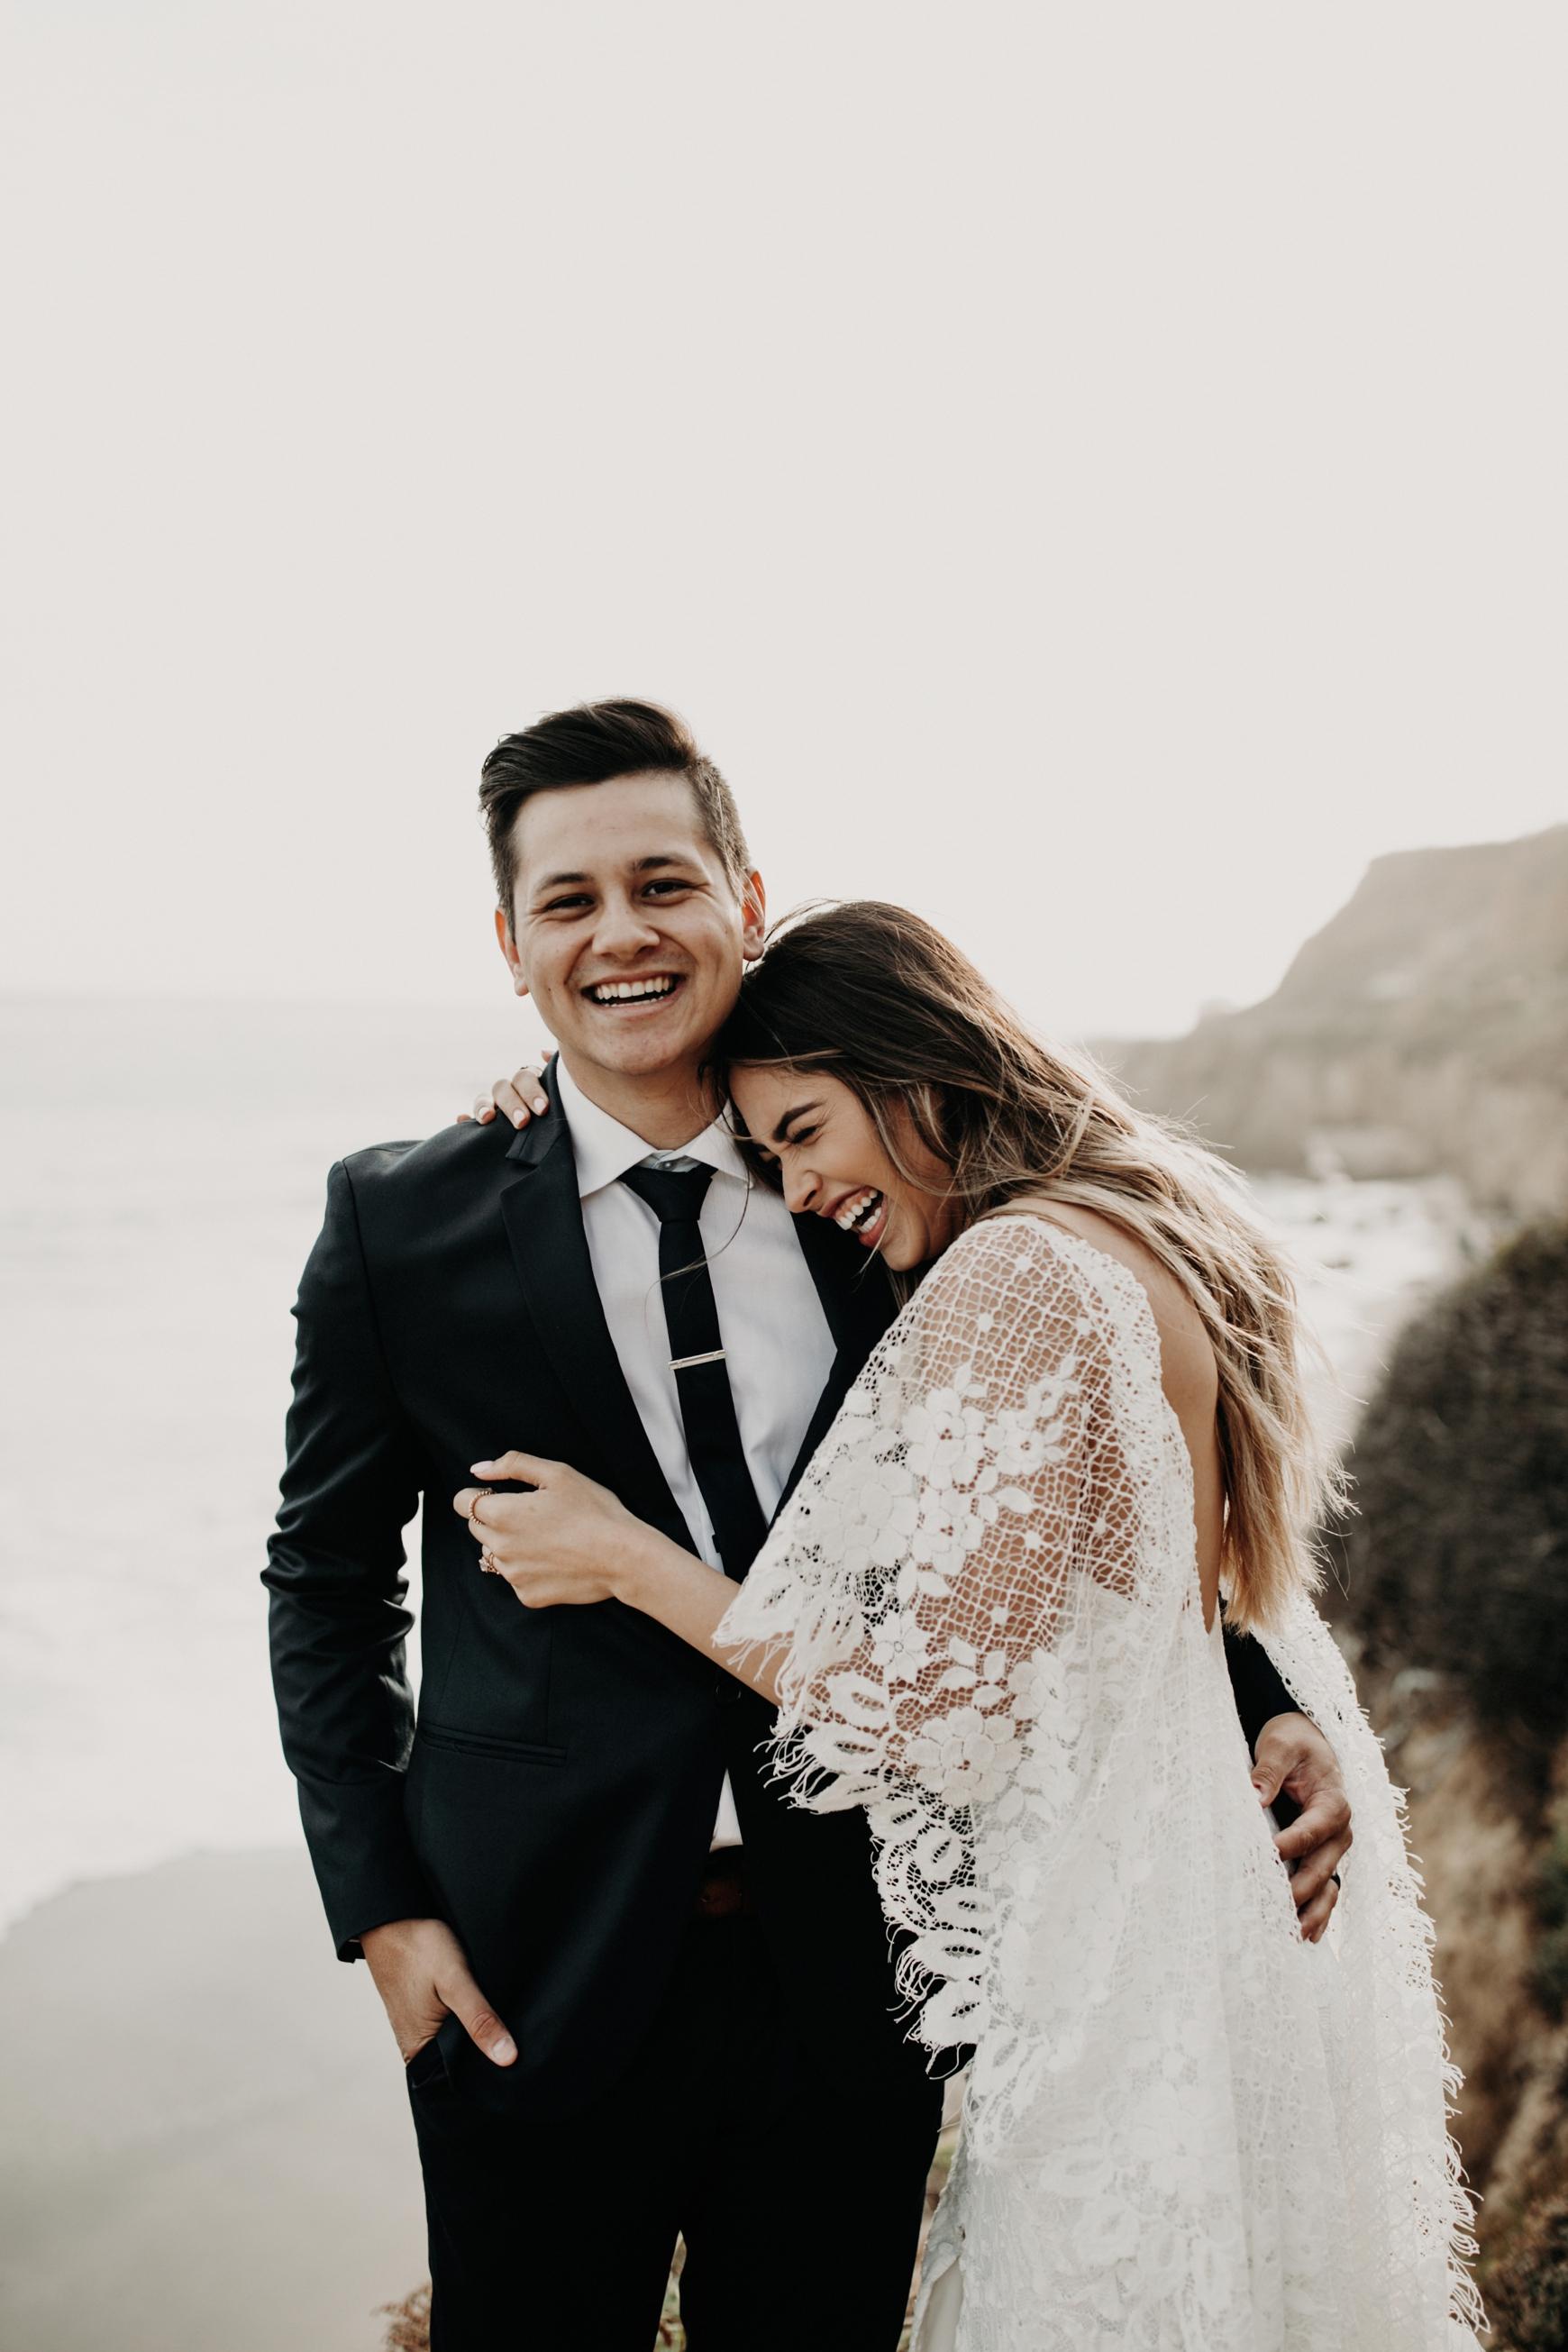 El Matador Beach Bridal Portraits Justellen & TJ Emily Magers Photography-174Emily Magers Photography.jpg